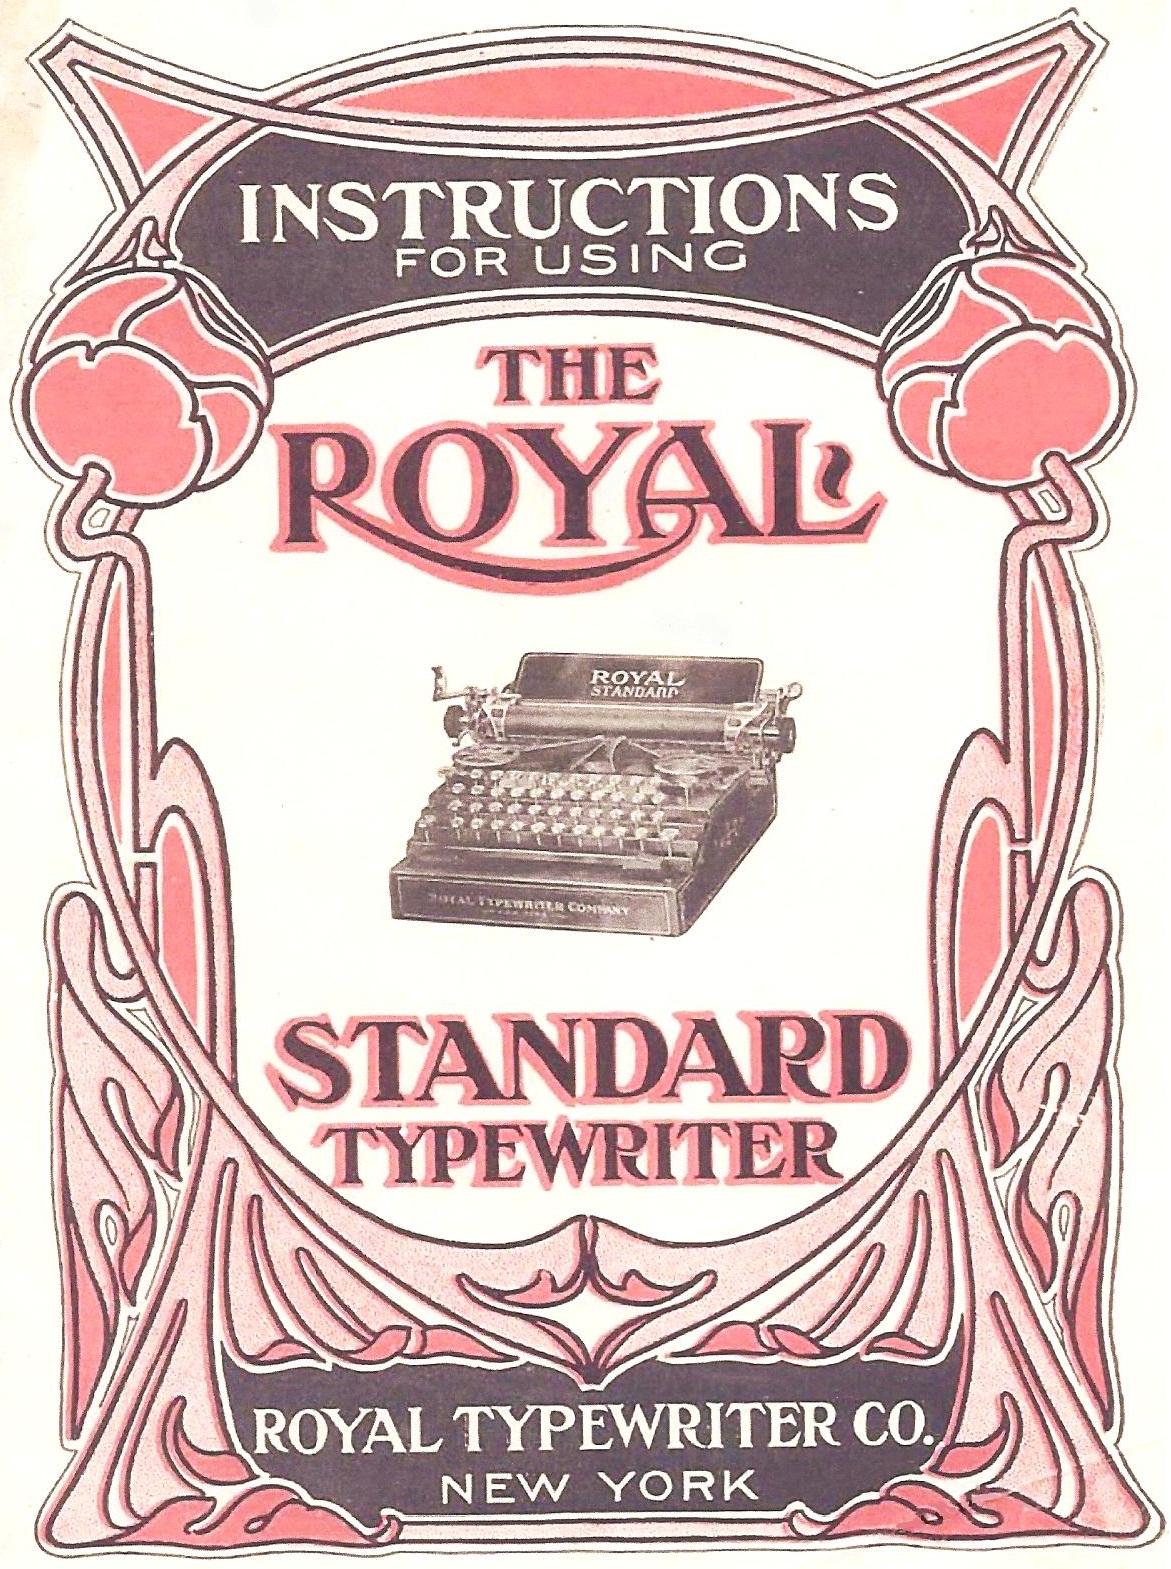 Royal standard typewriter